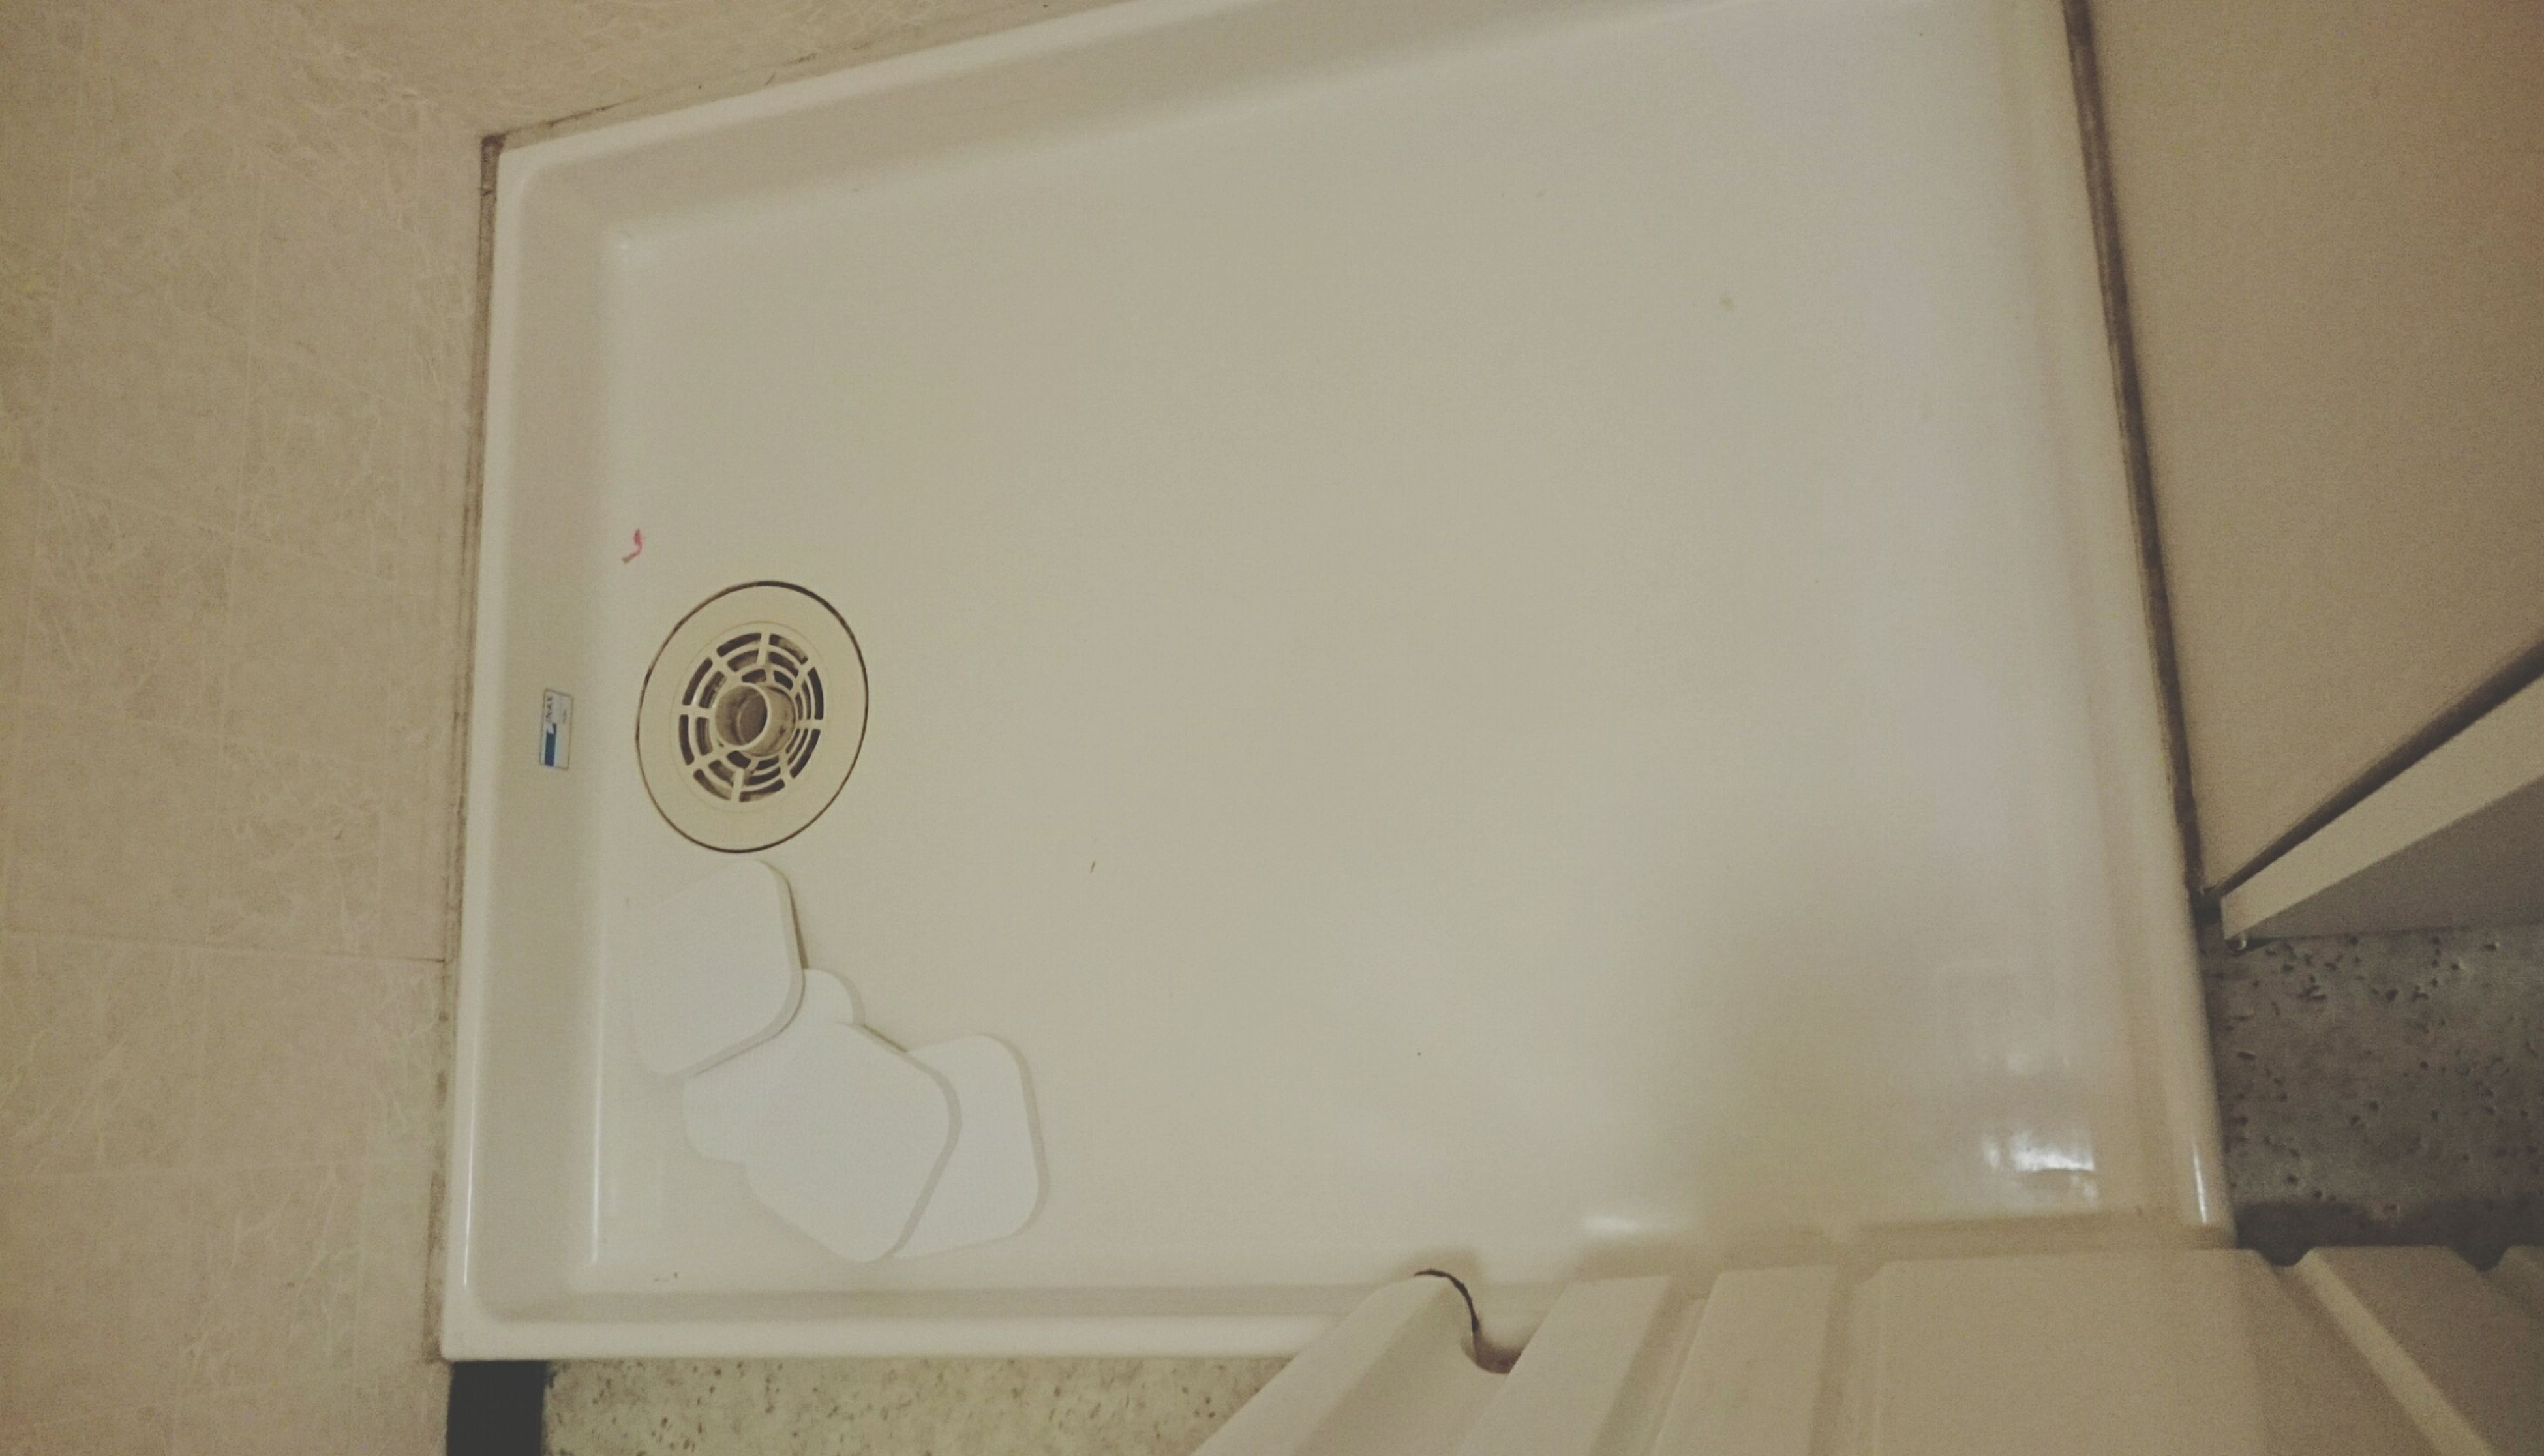 正月前の大掃除! んなわけナイナイ おNEW洗濯機 来るから 16年分の掃除